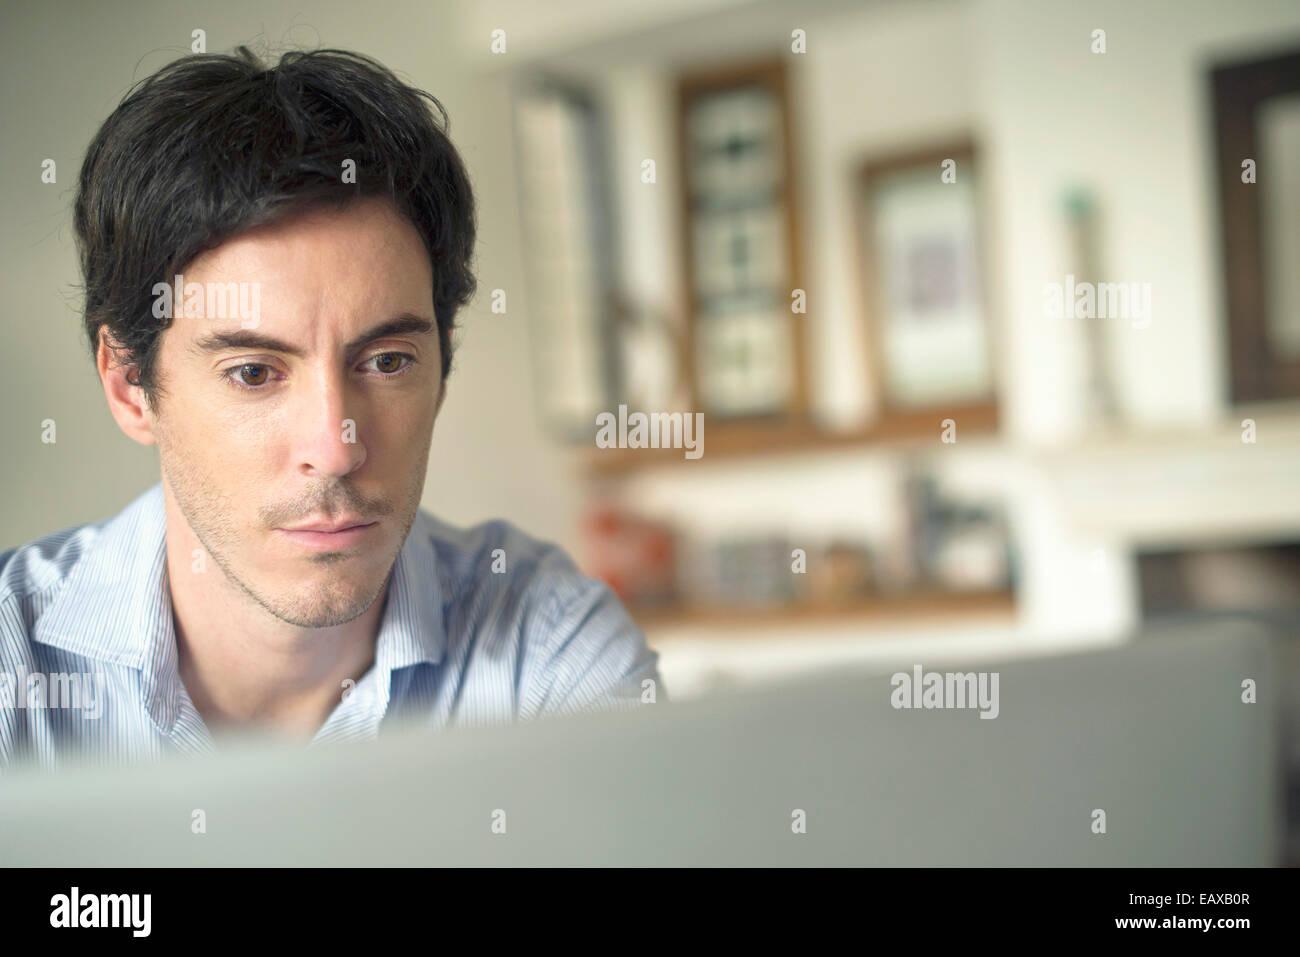 Hombre mirando al ordenador portátil Imagen De Stock